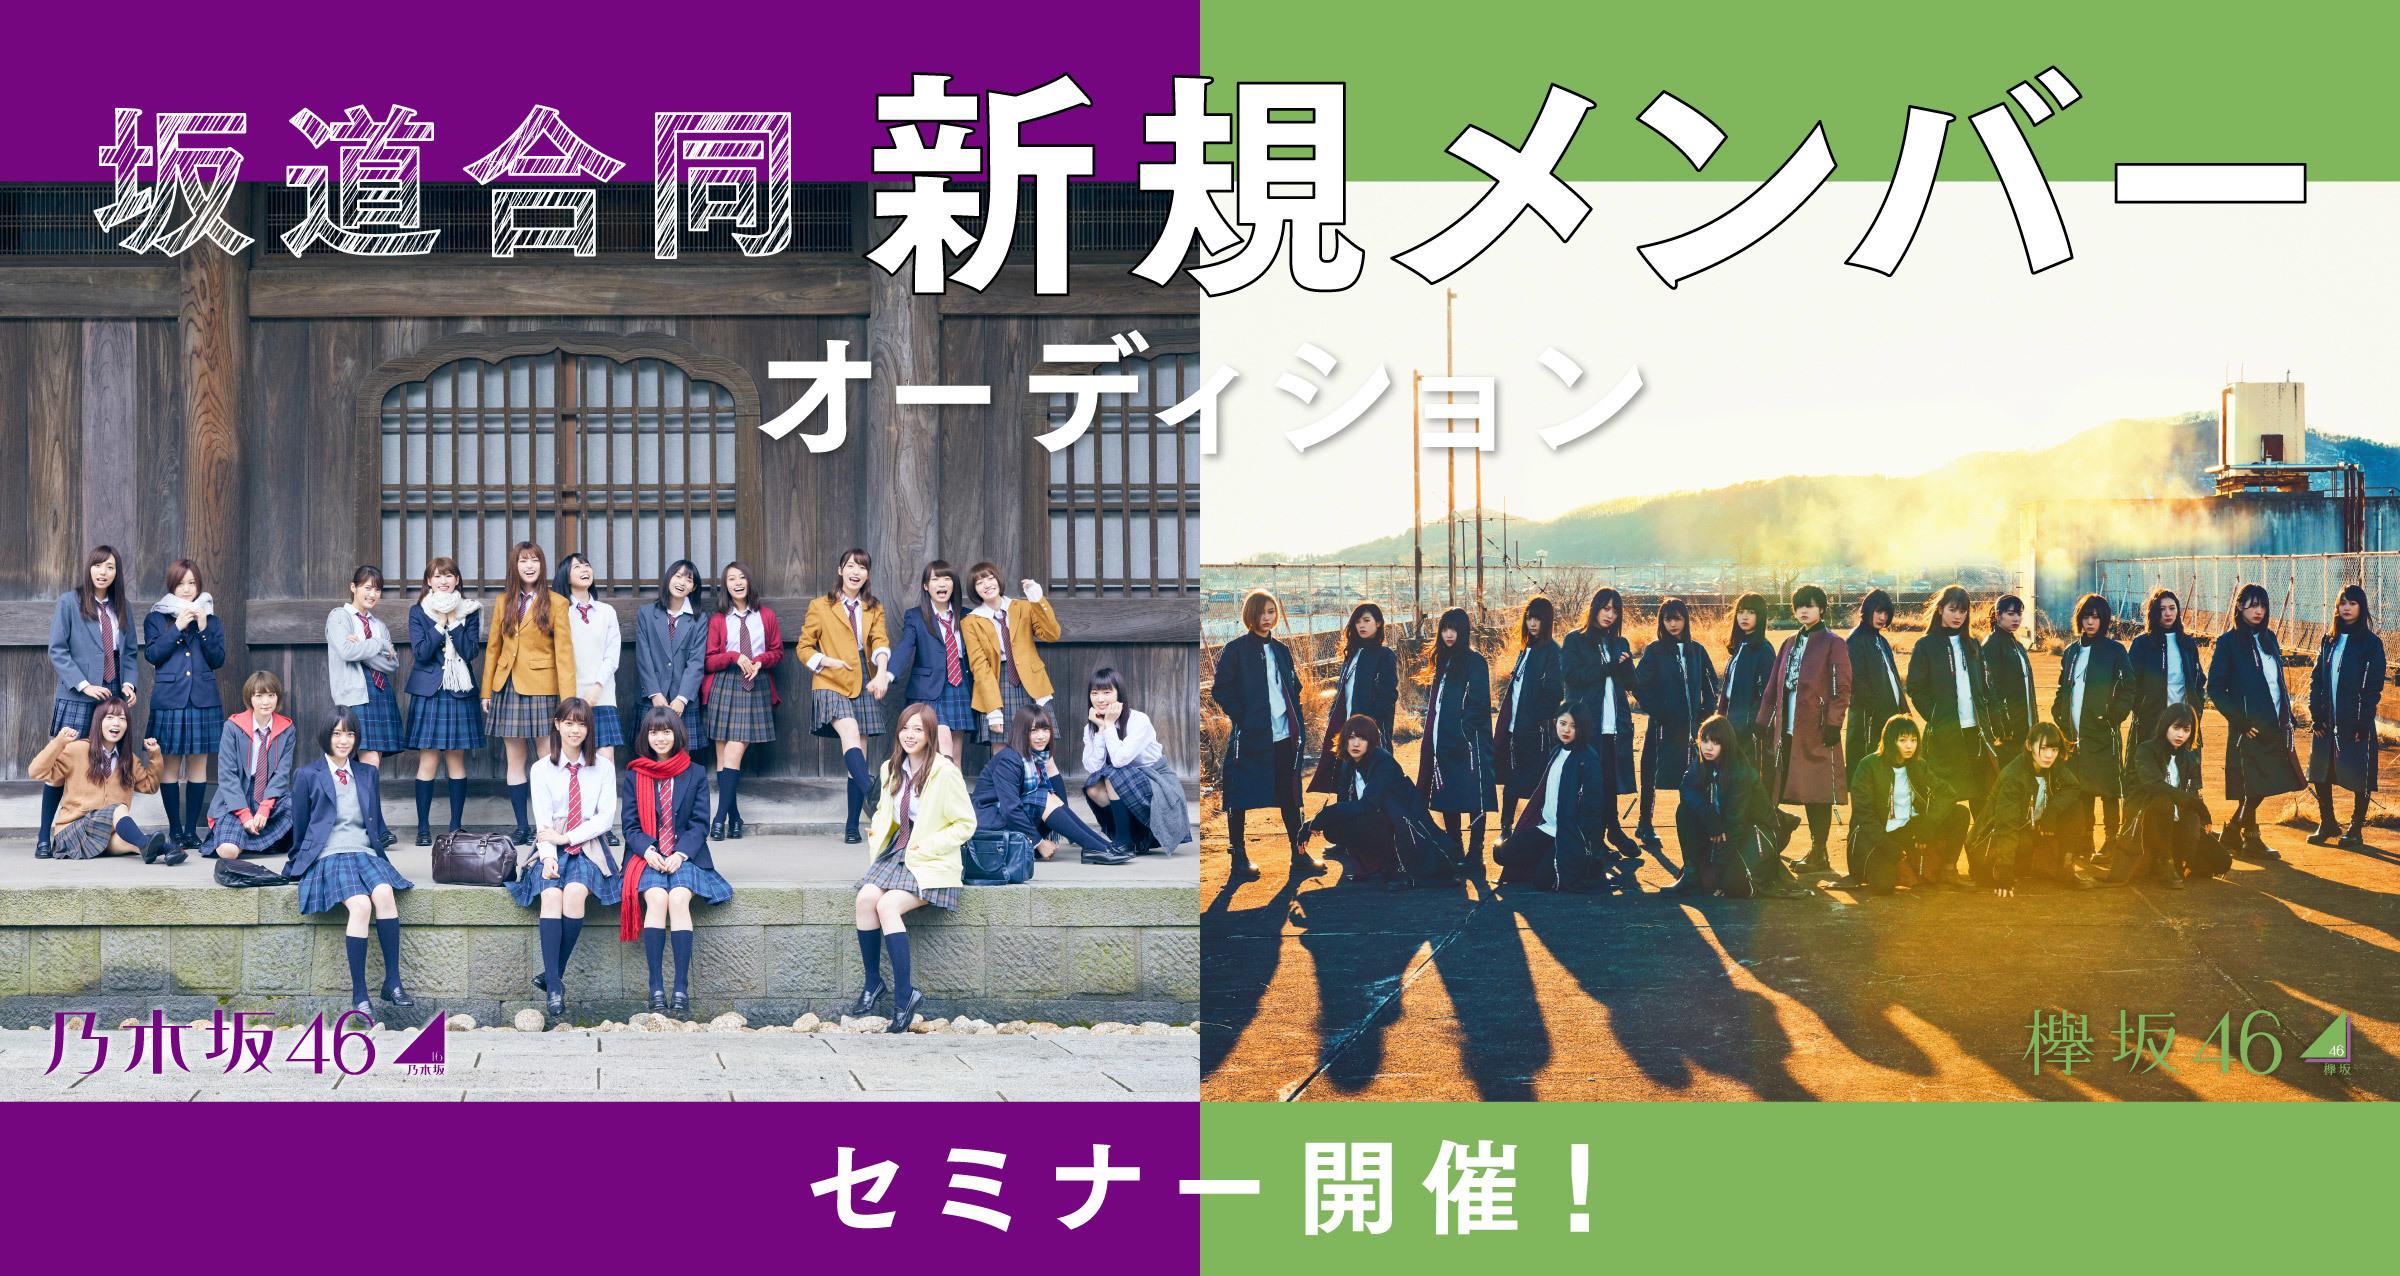 「坂道合同新規メンバーオーディション」セミナー開催!